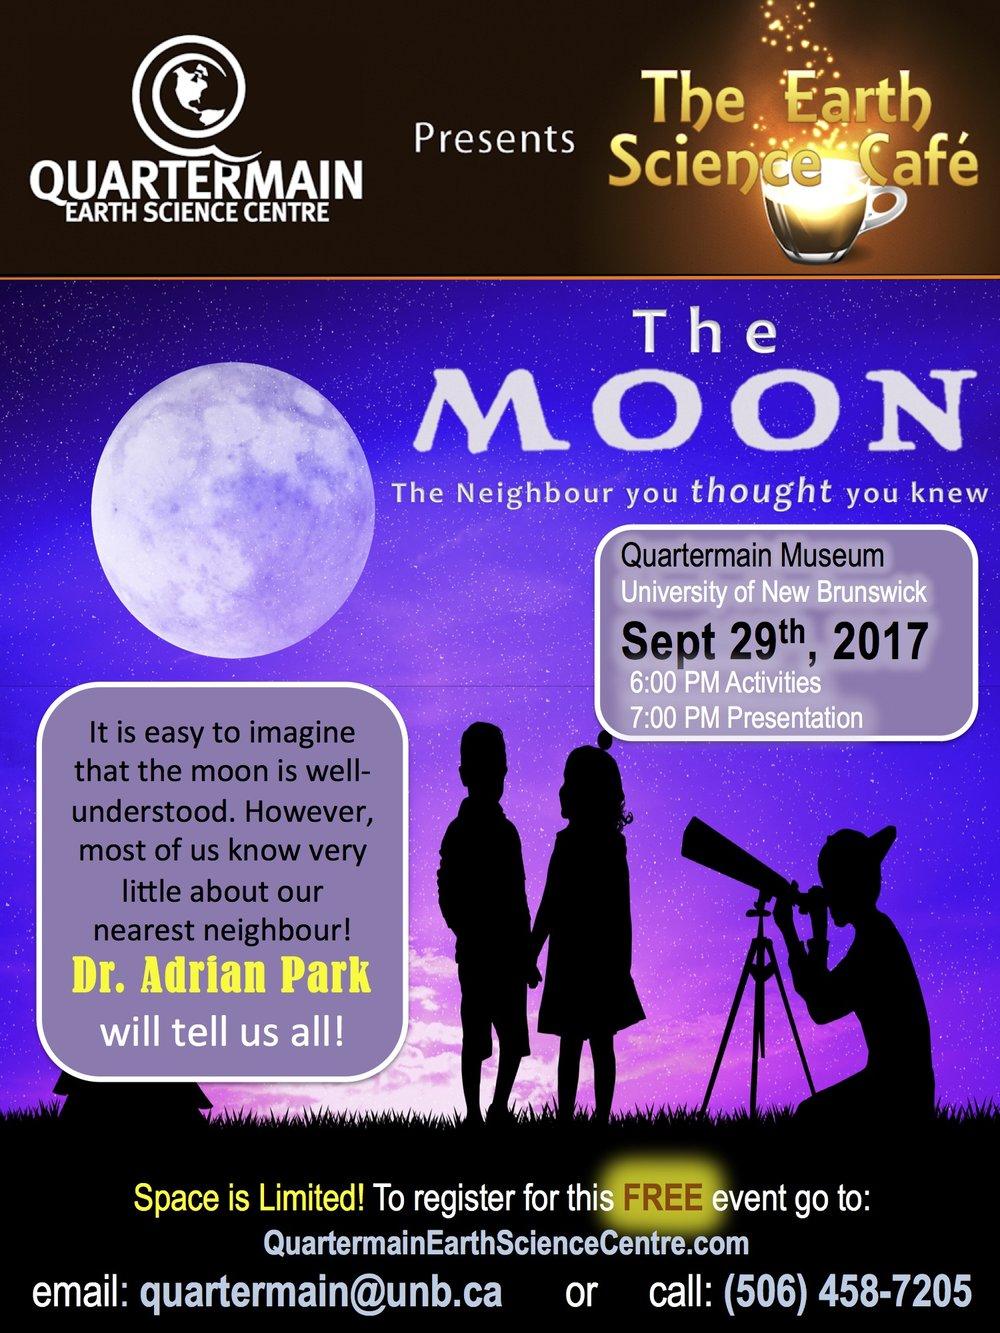 Quartermain ESC Poster Sept 29th Adrian Park 2017.jpg